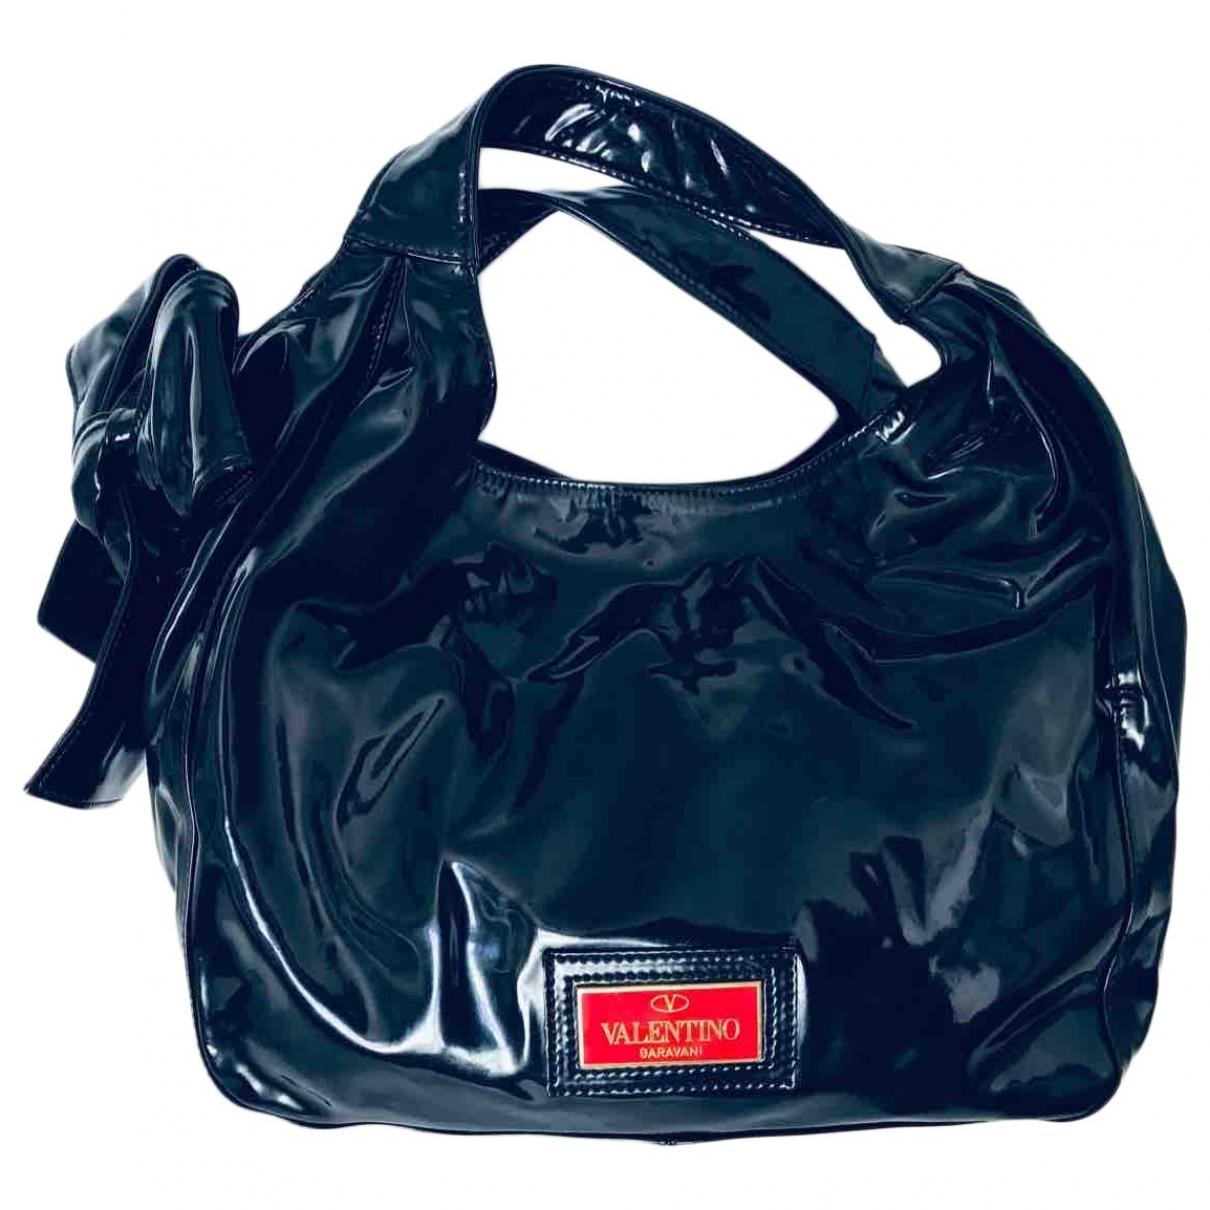 Valentino Garavani \N Handtasche in  Schwarz Lackleder